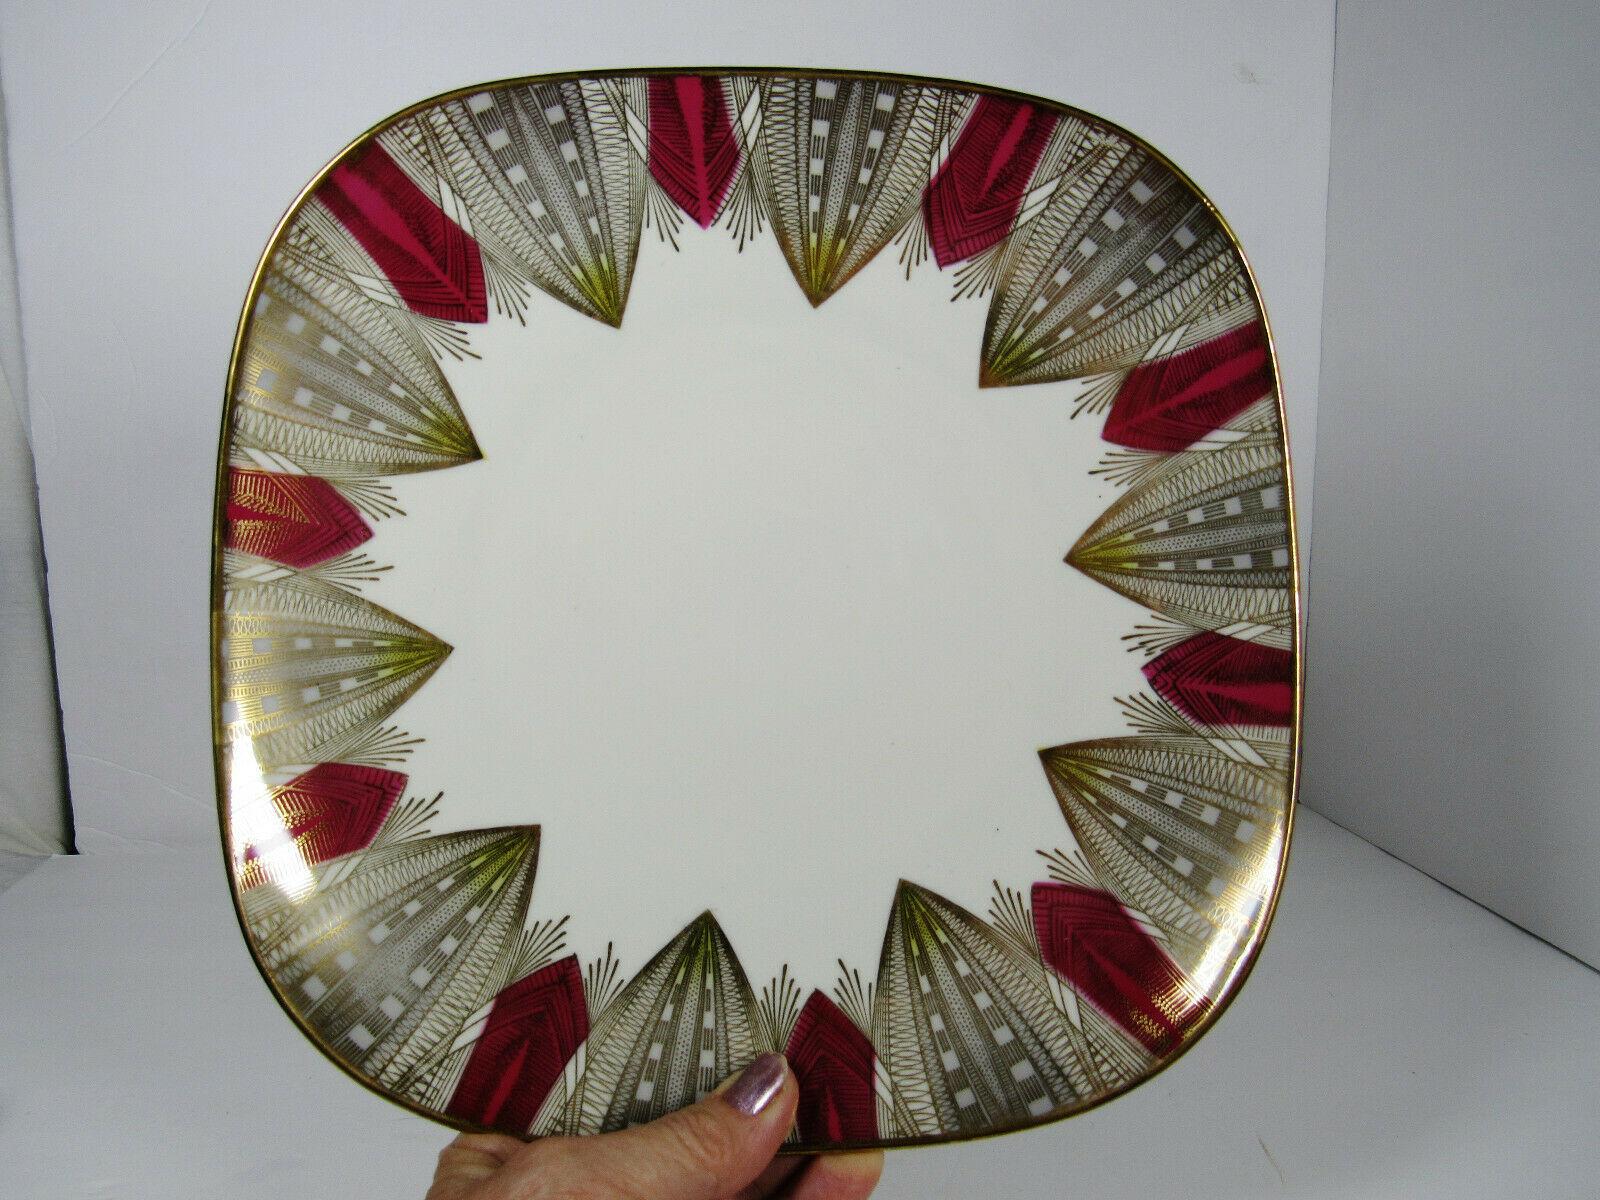 Bavaria Elfenbein Porzellan Square Round Corners Plate - $14.85